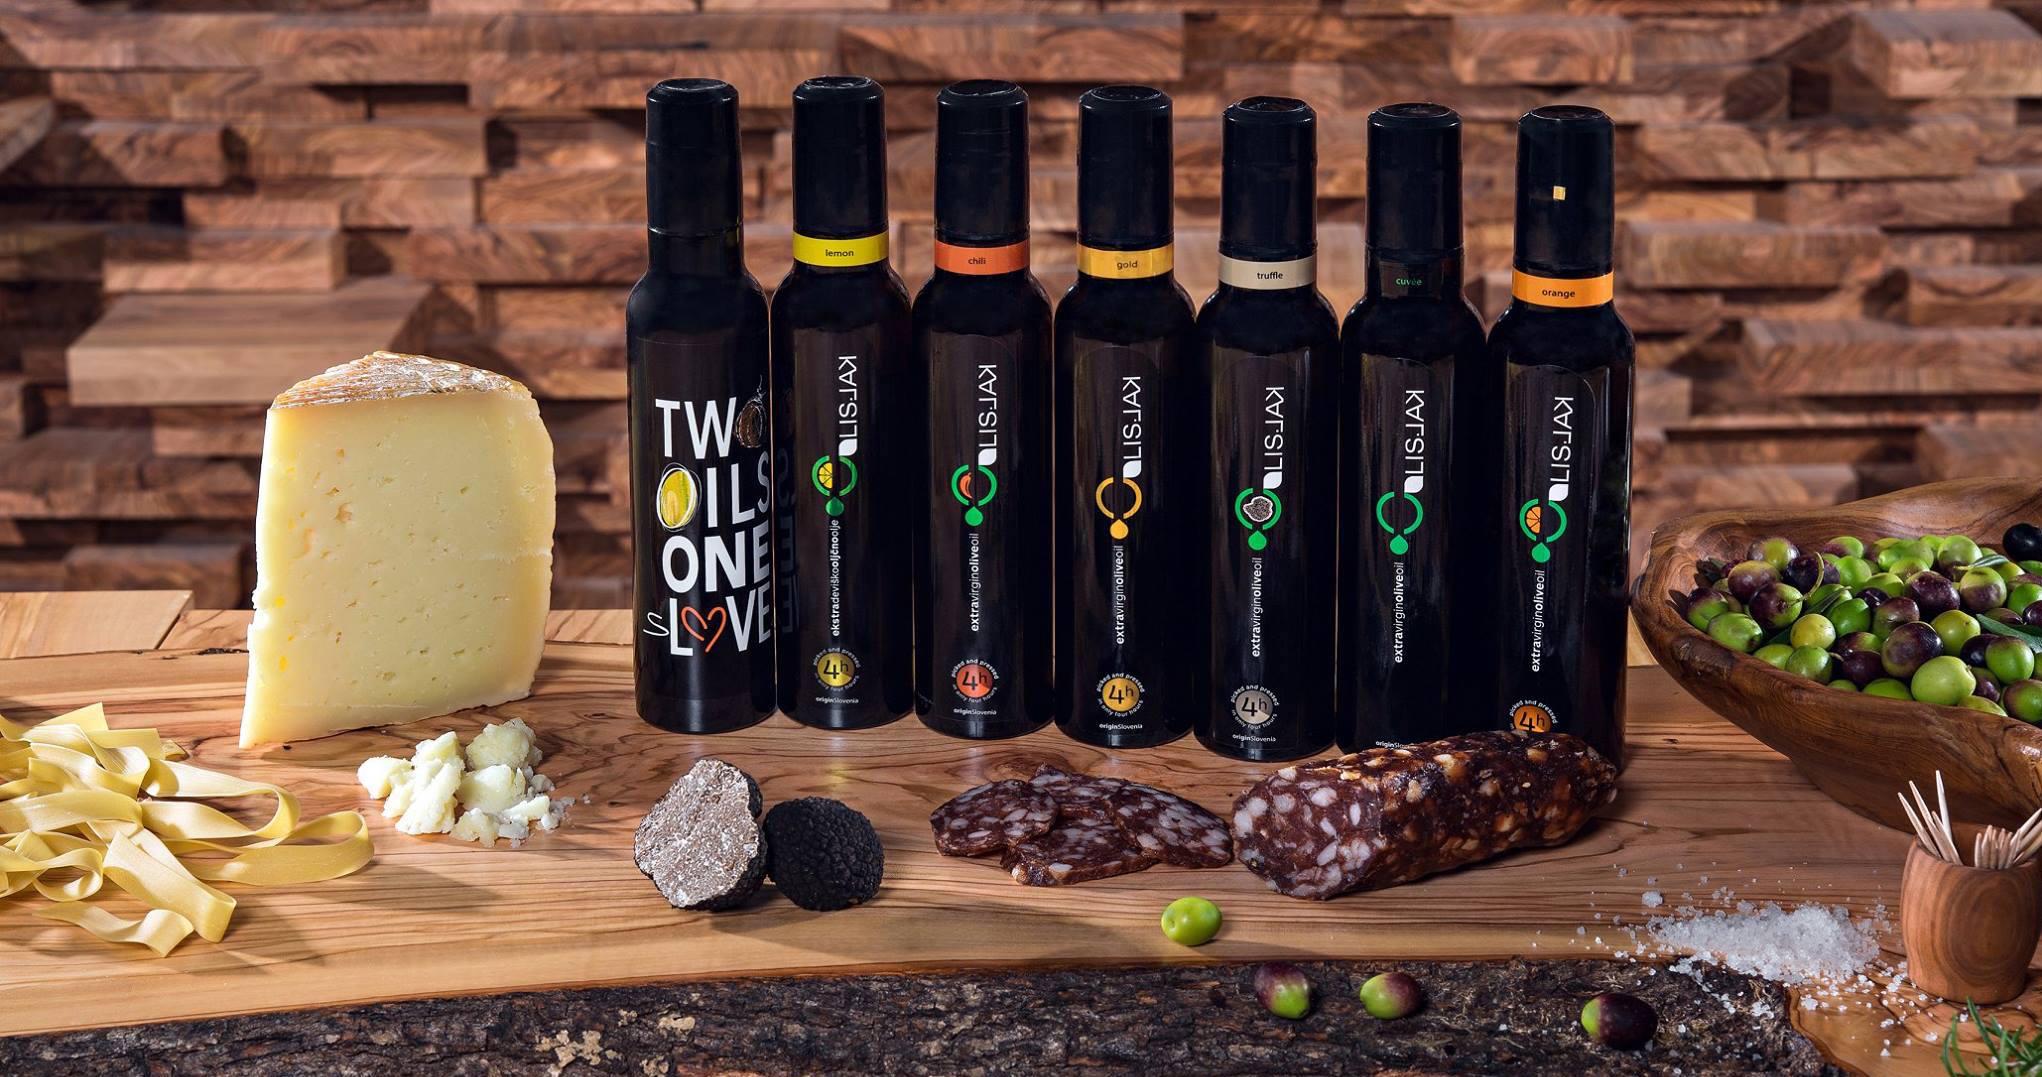 Oljčna olja Lisjak